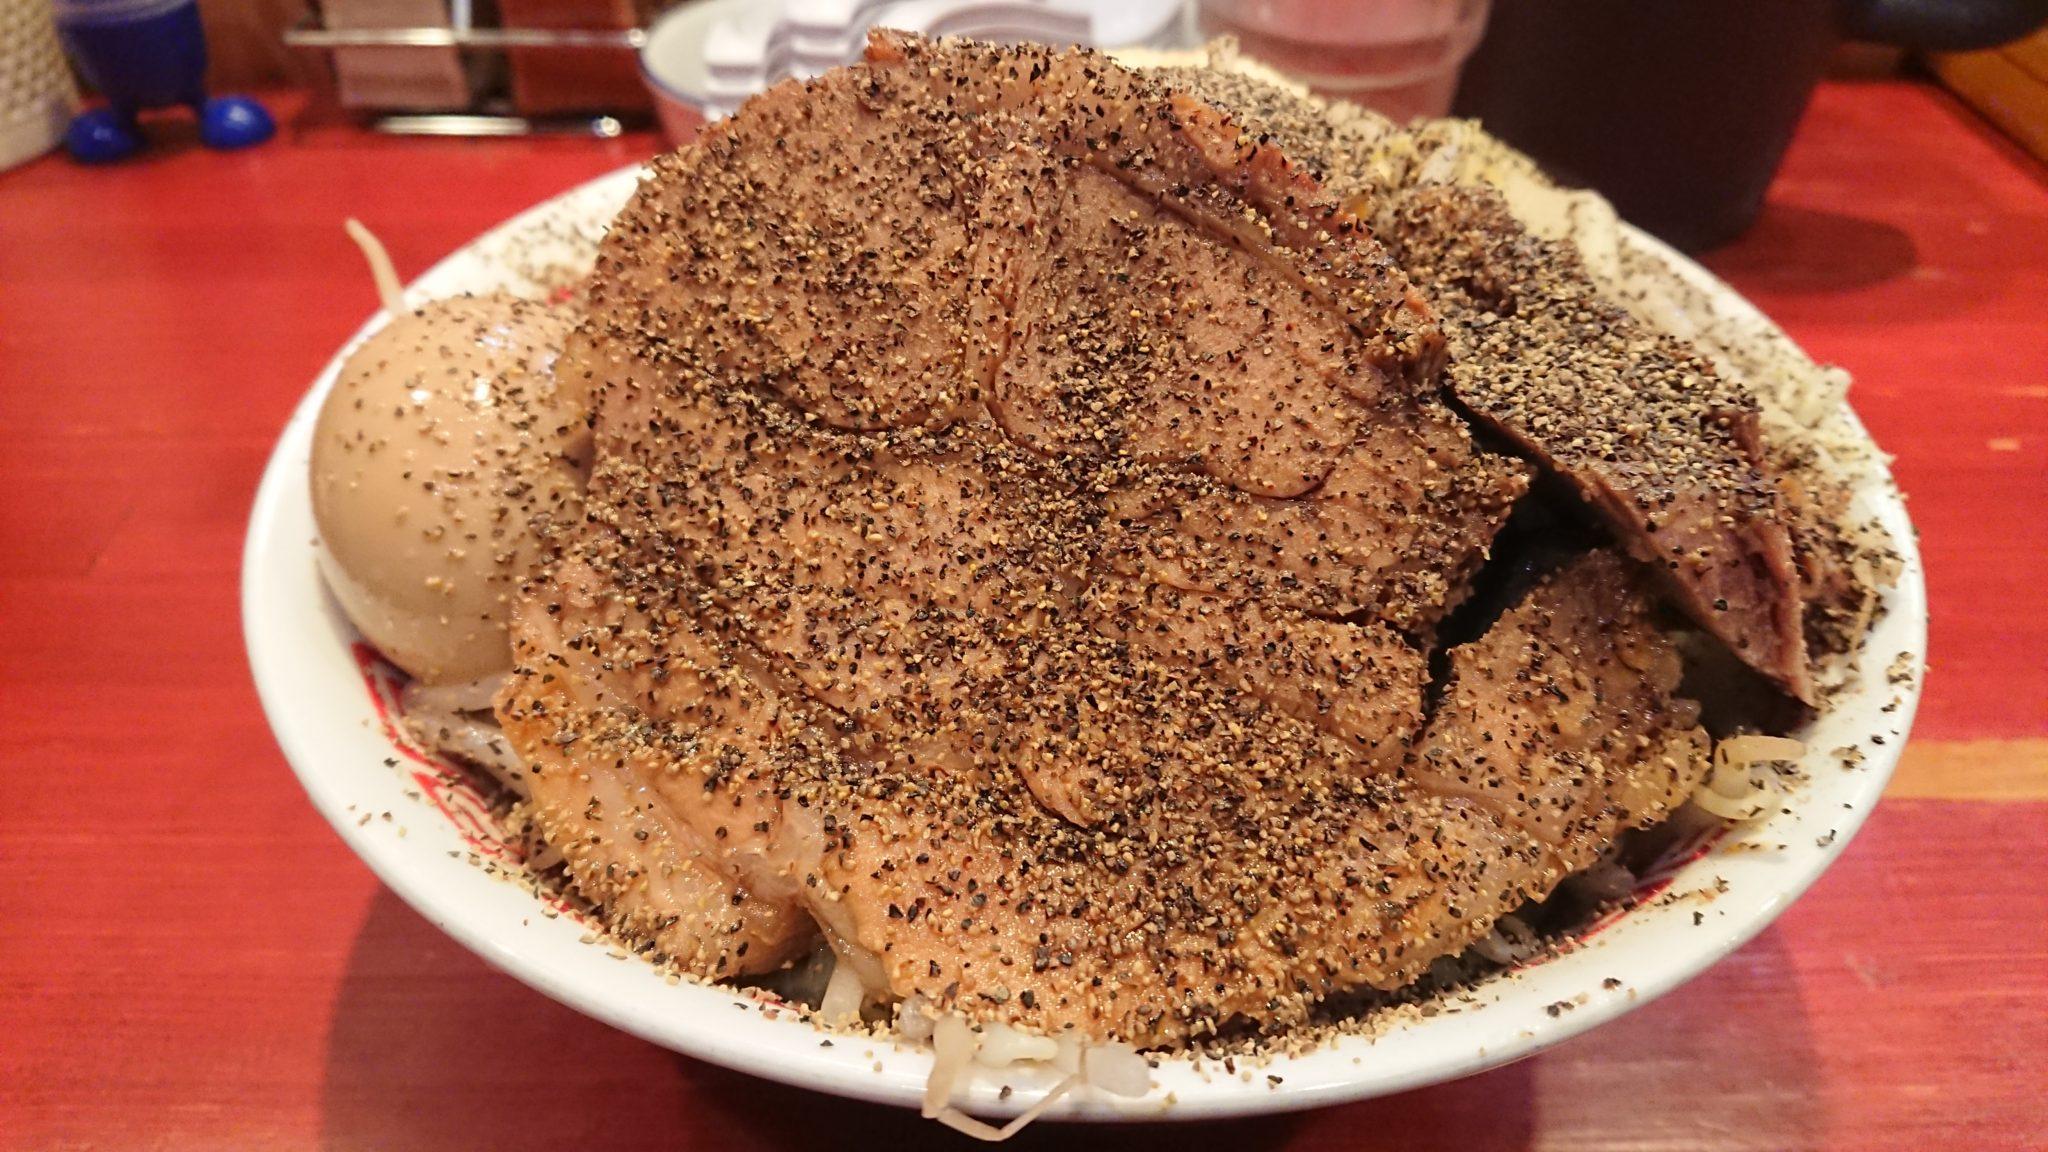 福井県の二郎系らーめんゴリラ屋を4ヵ月ぶりに訪問し、念願の『汁なしBP増し』を食べてきた